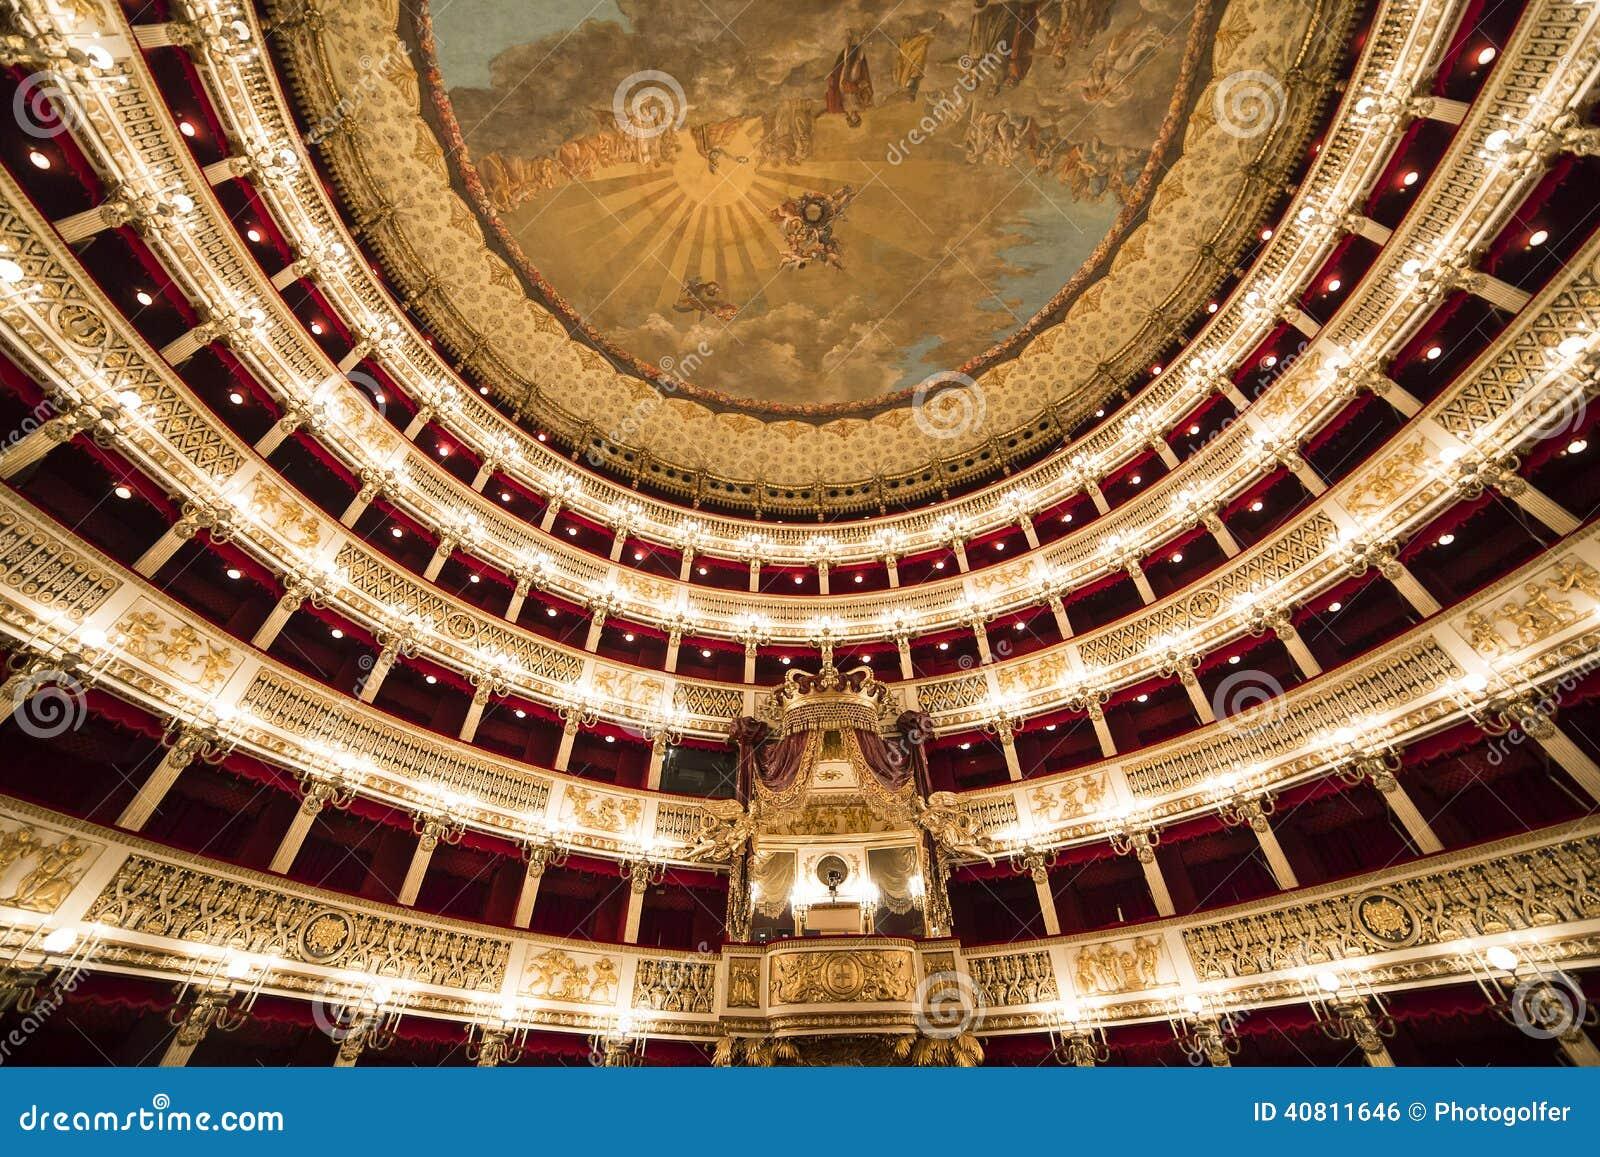 teatro圣克罗,那不勒斯内部和细节歌剧院,意大利.